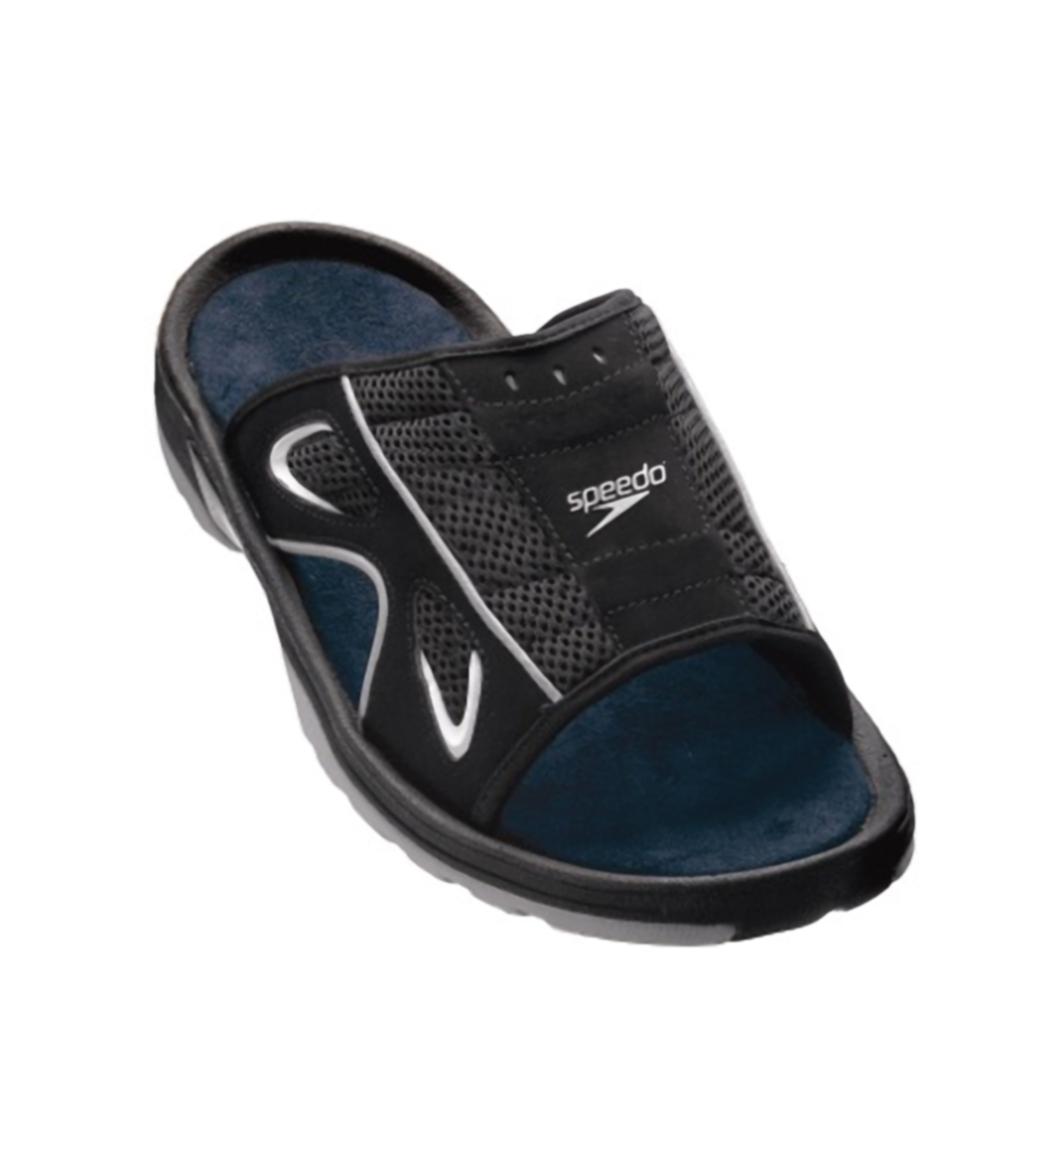 Speedo Sandals Hydroterra Speedo Hydroterra Slide Sandals Men's Men's Slide wn0kOP